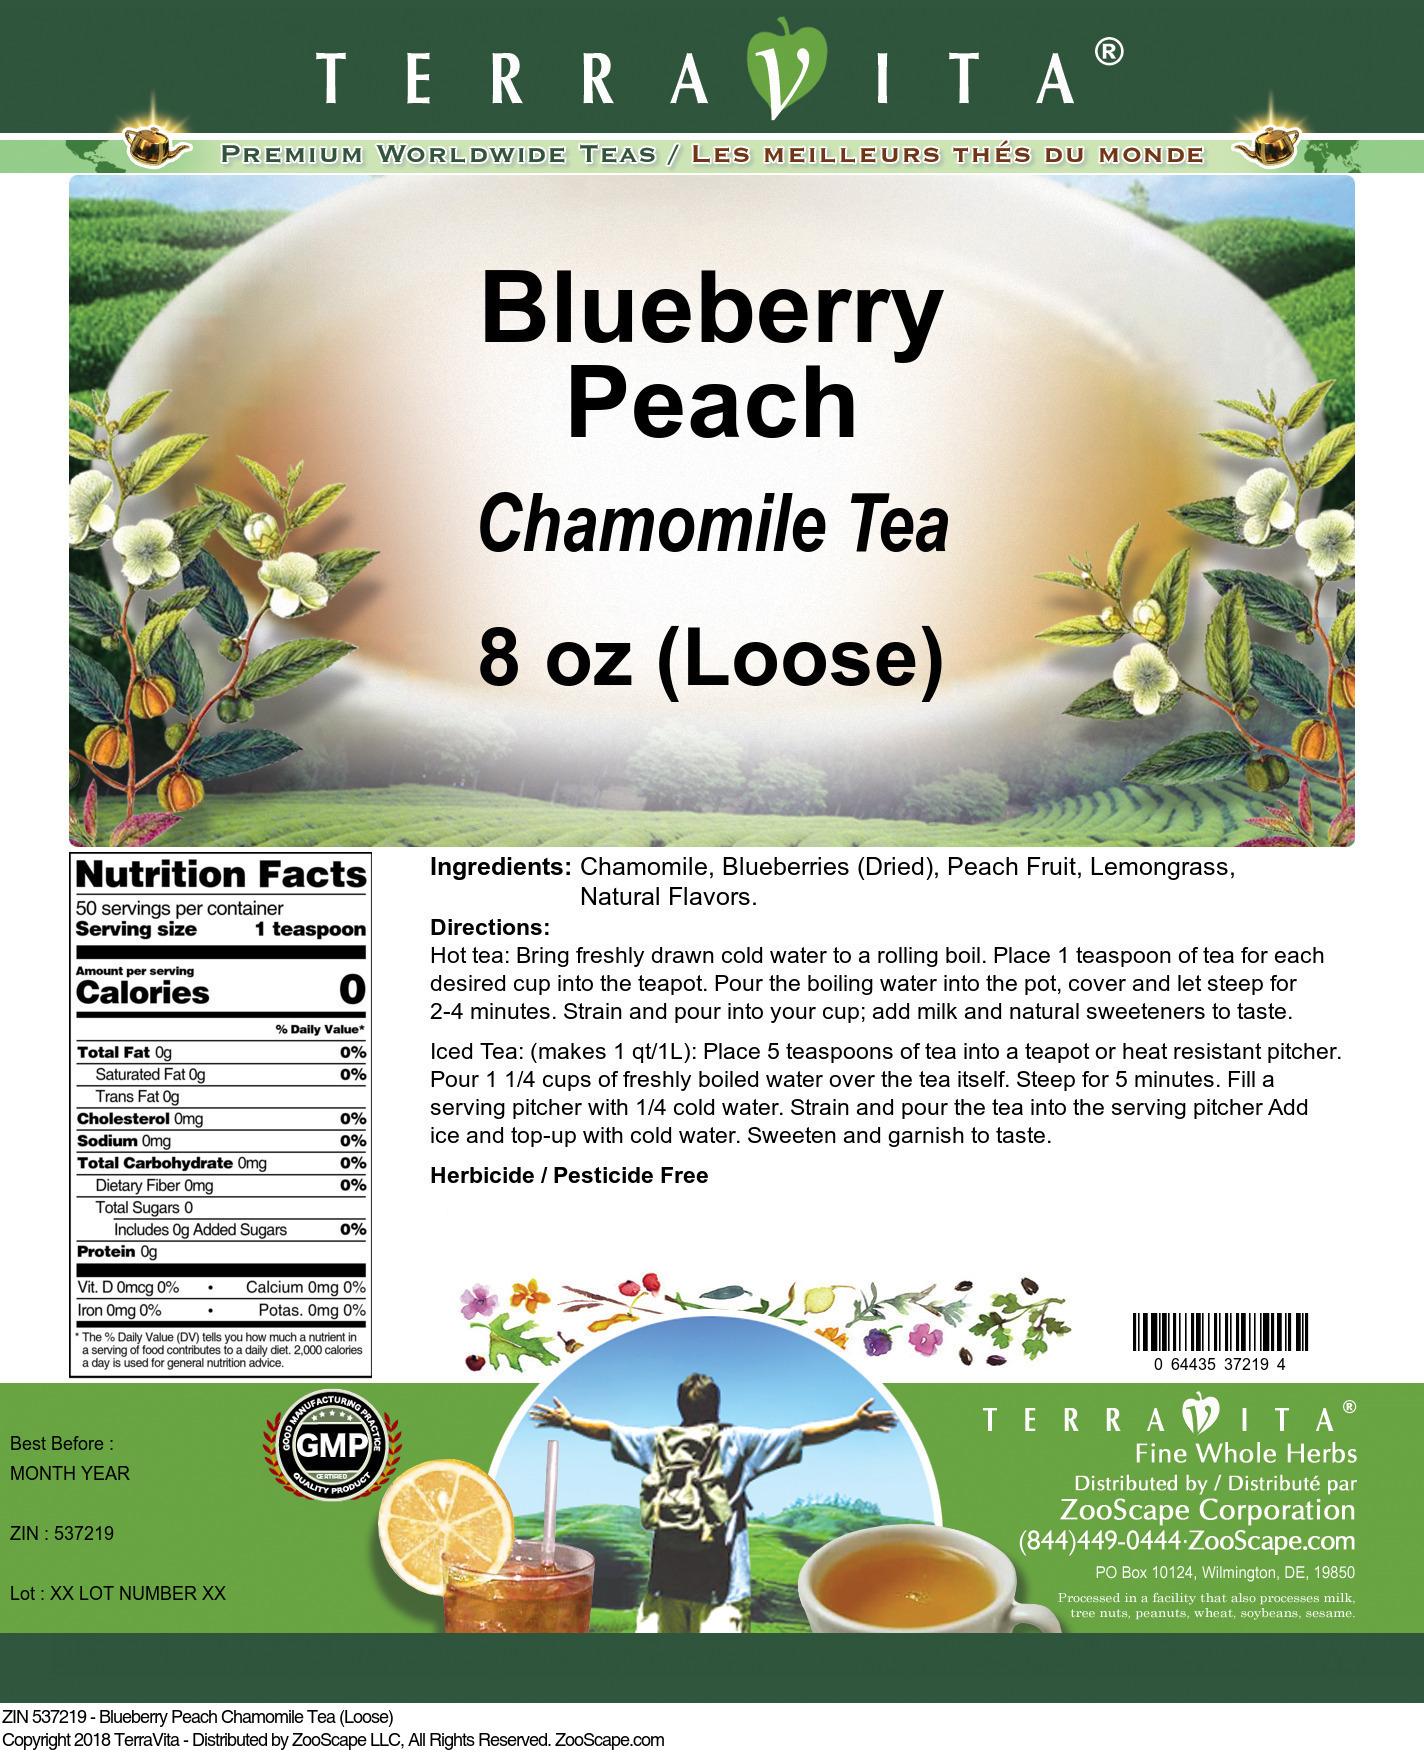 Blueberry Peach Chamomile Tea (Loose)